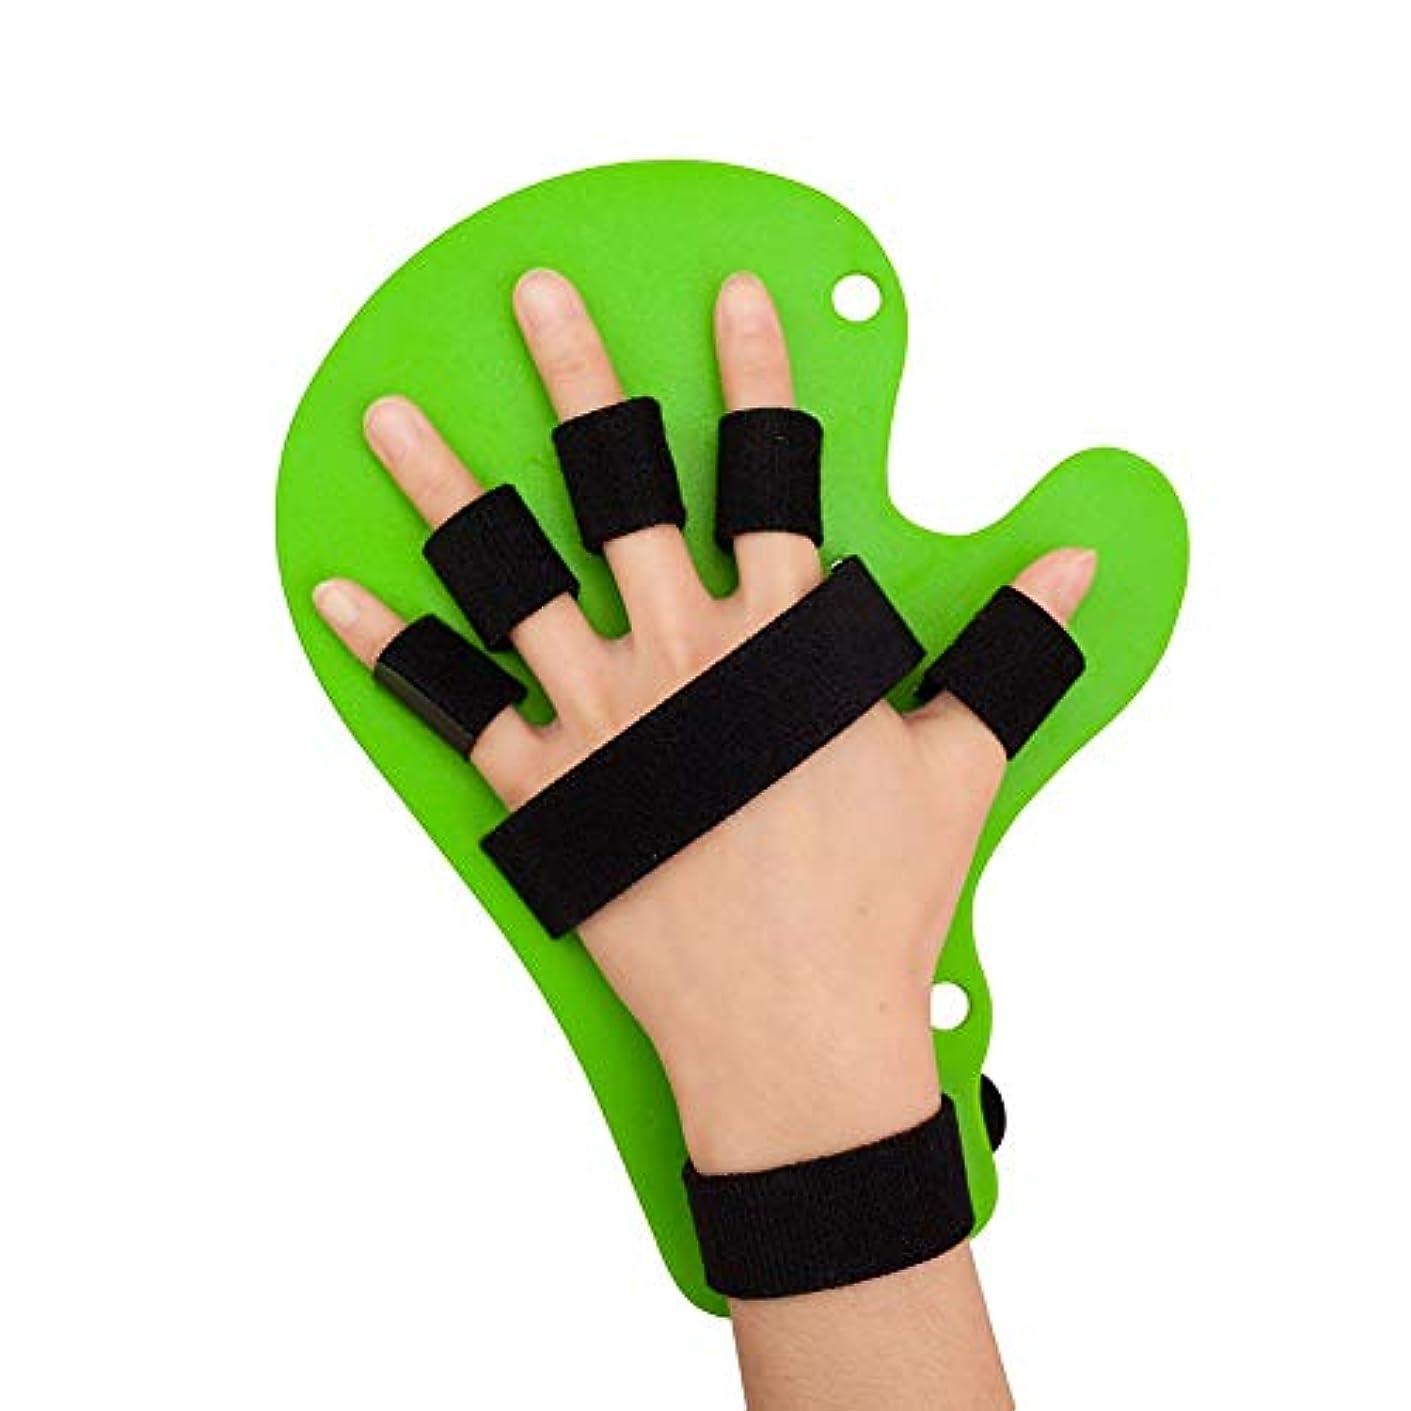 スーパーマーケット呪い空スプリント指指セパレーター、指インソール指トレーニング、手の手首のトレーニング脳卒中患者の関節炎リハビリトレーニング機器を指 (Color : 緑)